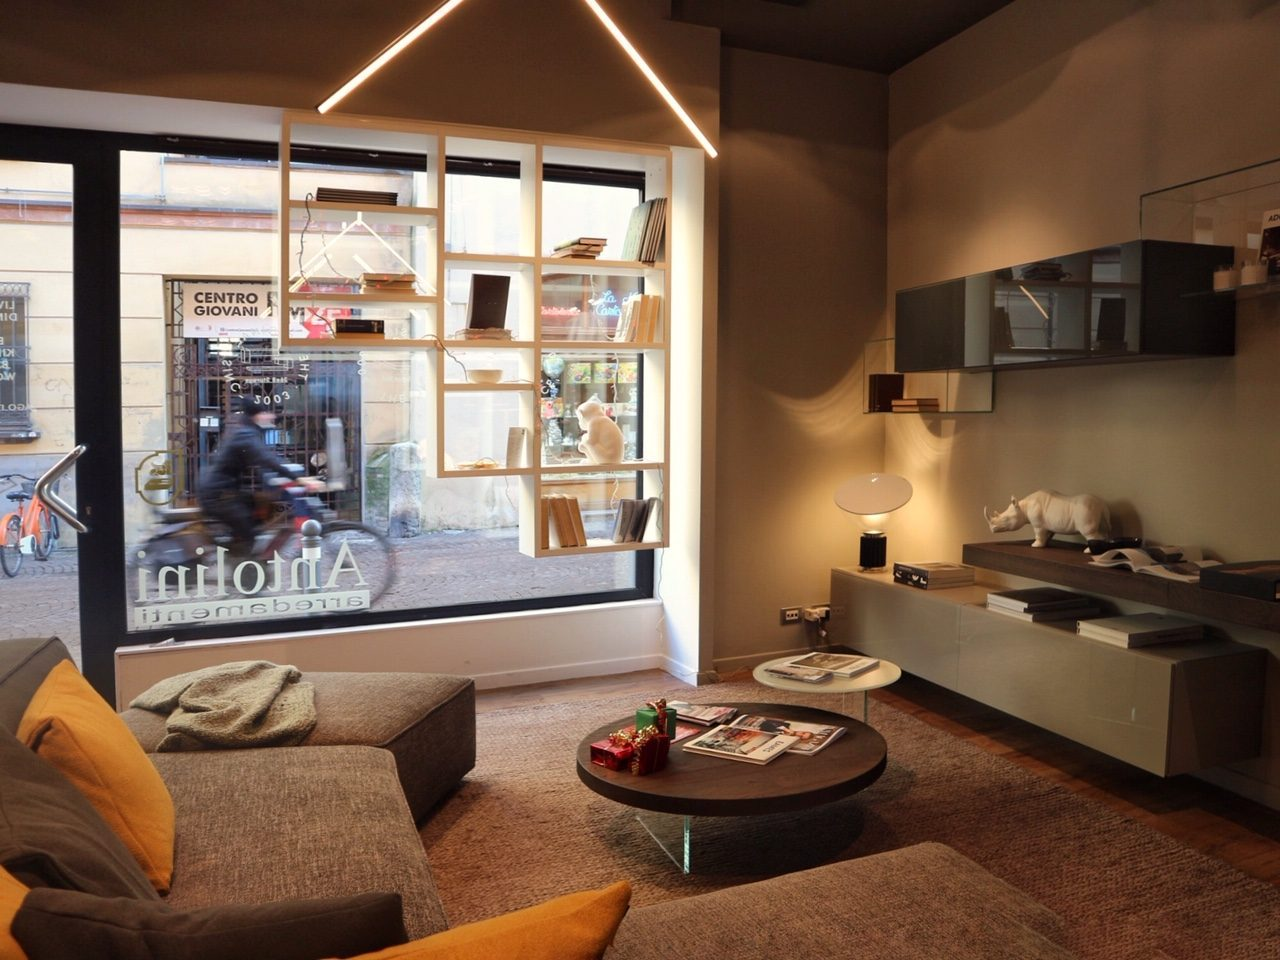 Lago store a rimini dove scegliere mobili di design for Lago store